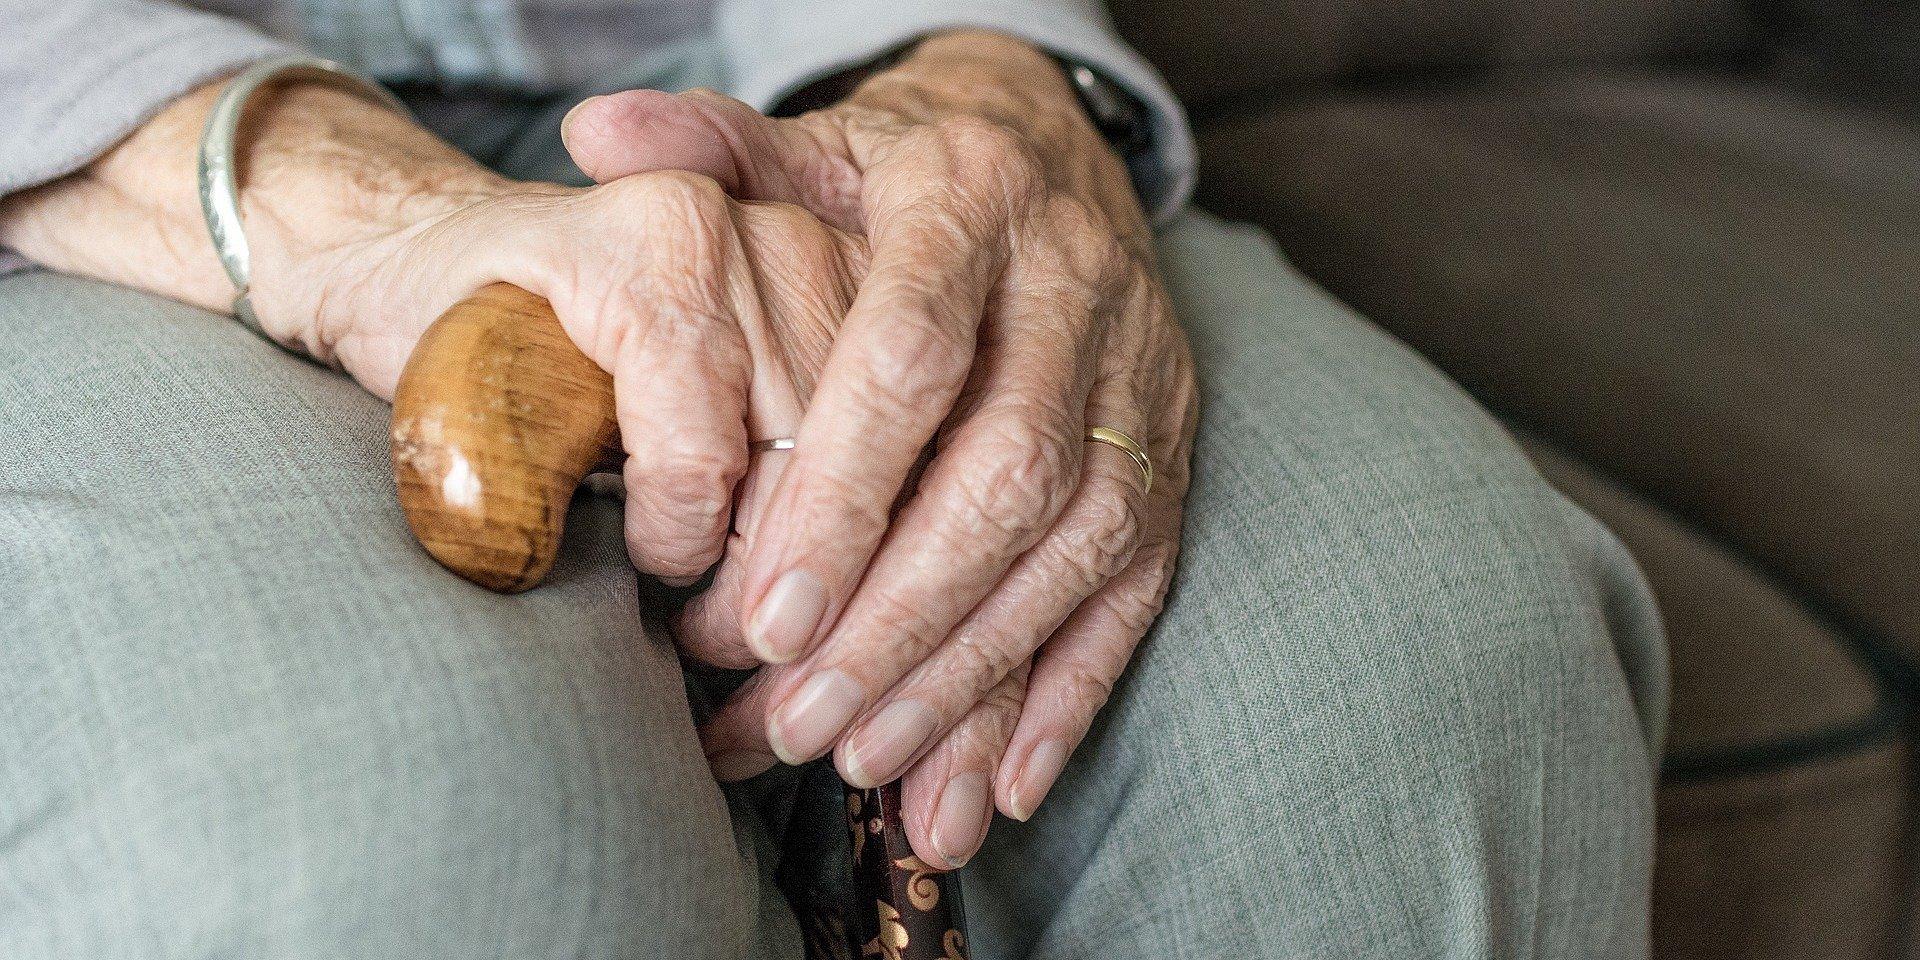 Nie tylko COVID-19. Seniorzy najbardziej narażeni na ciężki przebieg innych chorób